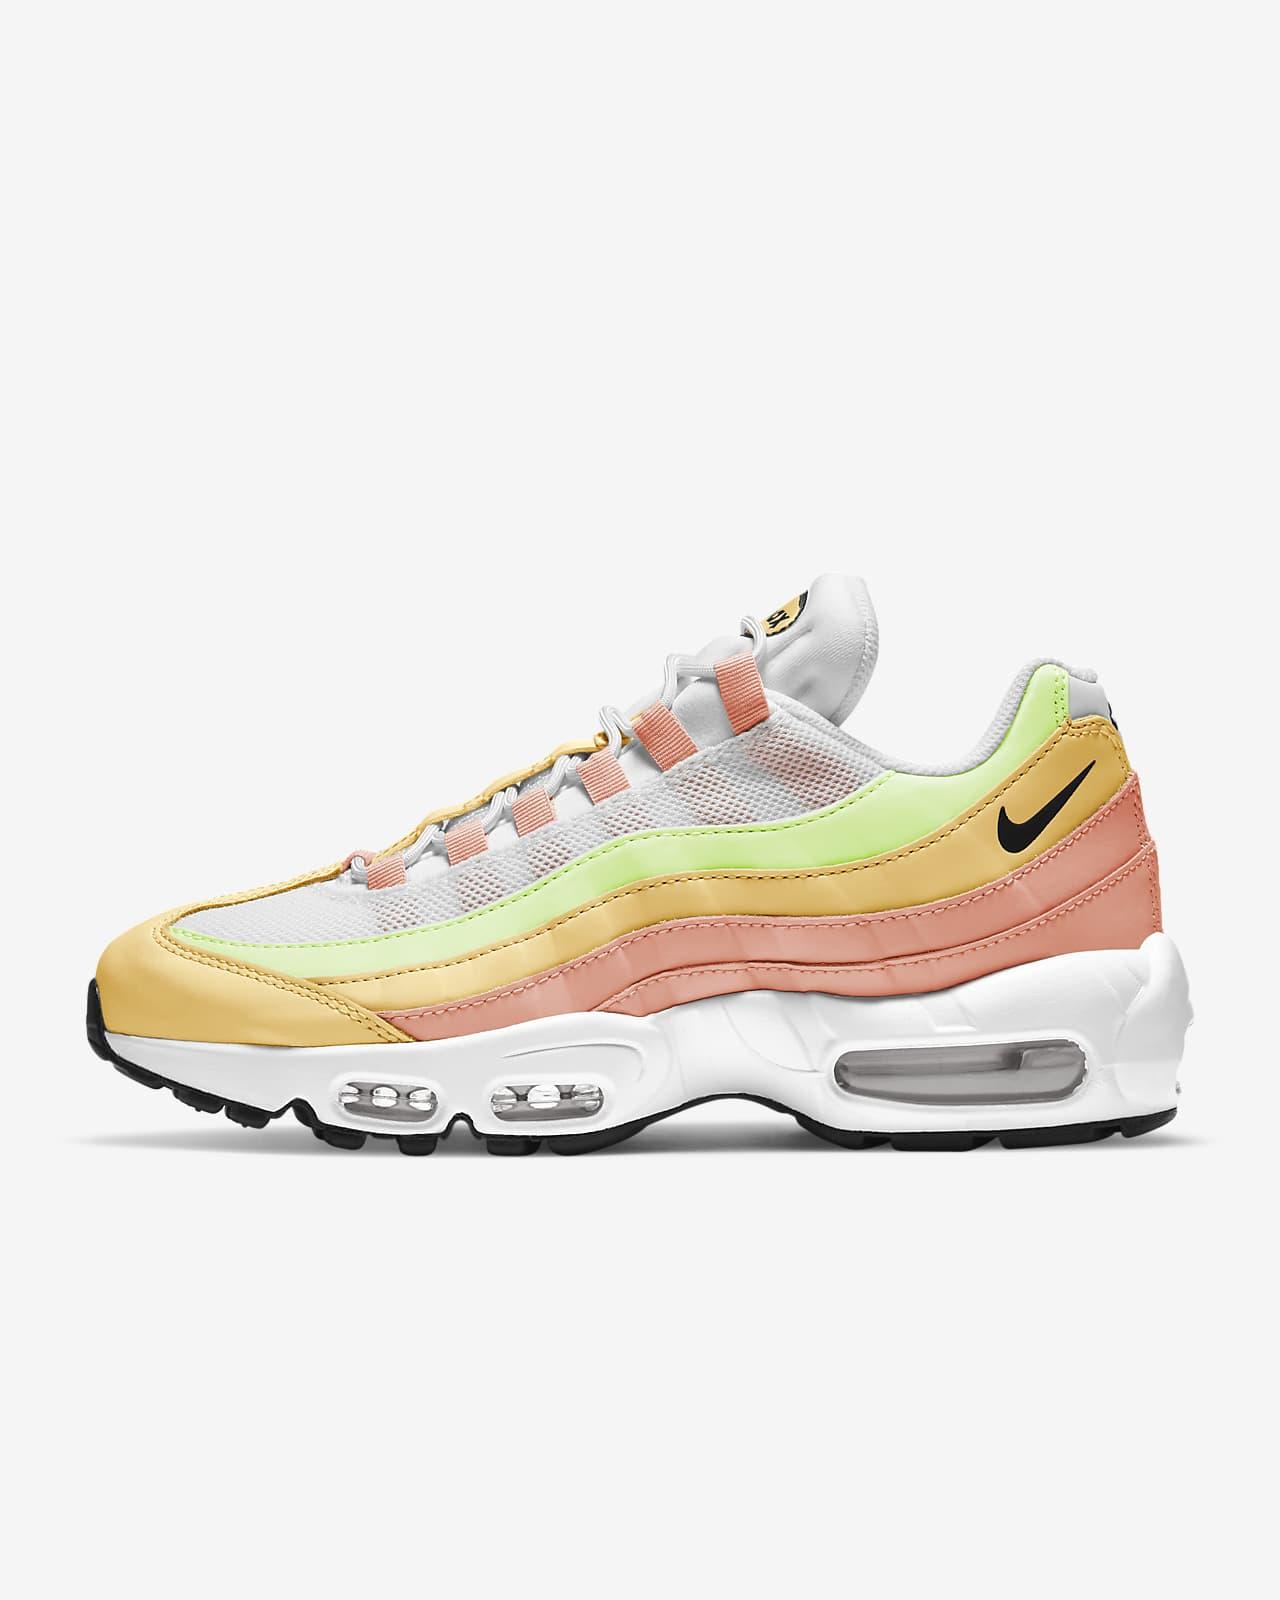 รองเท้าผู้หญิง Nike Air Max 95